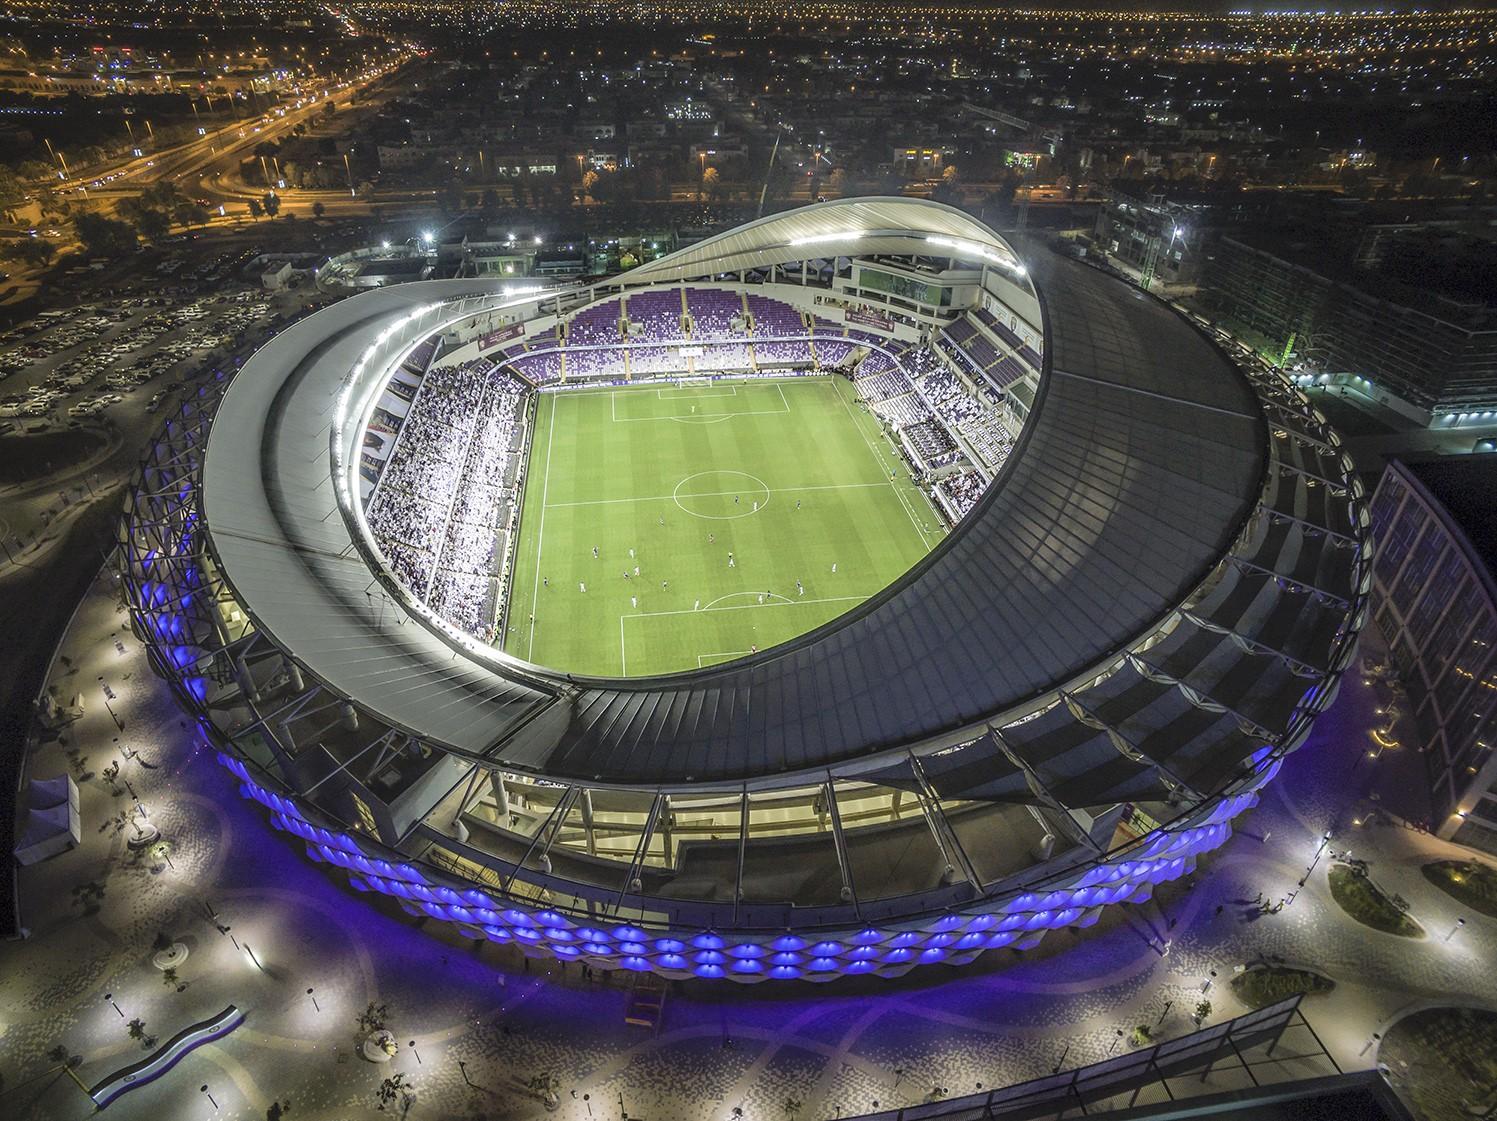 Công Phượng, Văn Hậu cười tít mắt trên sân đấu đẹp như mơ tại UAE - Ảnh 1.